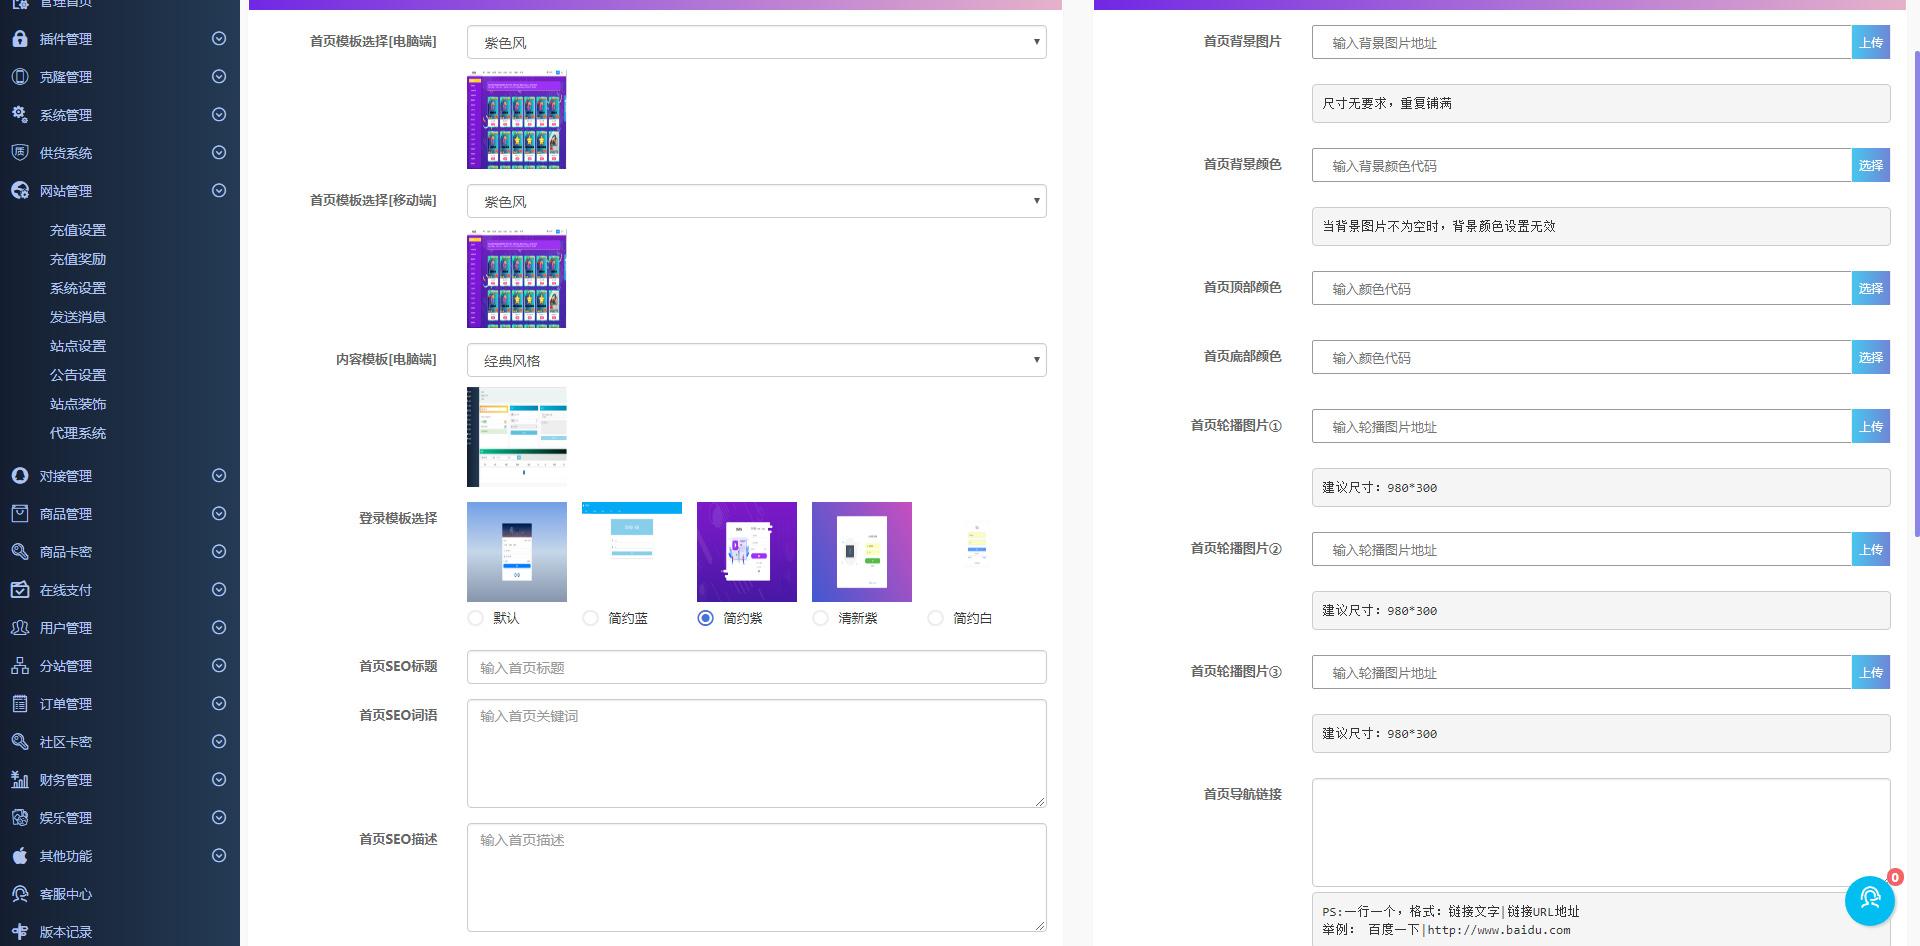 【乐购社区V4.0】2020.06开源版云乐购社区系统-找主题源码